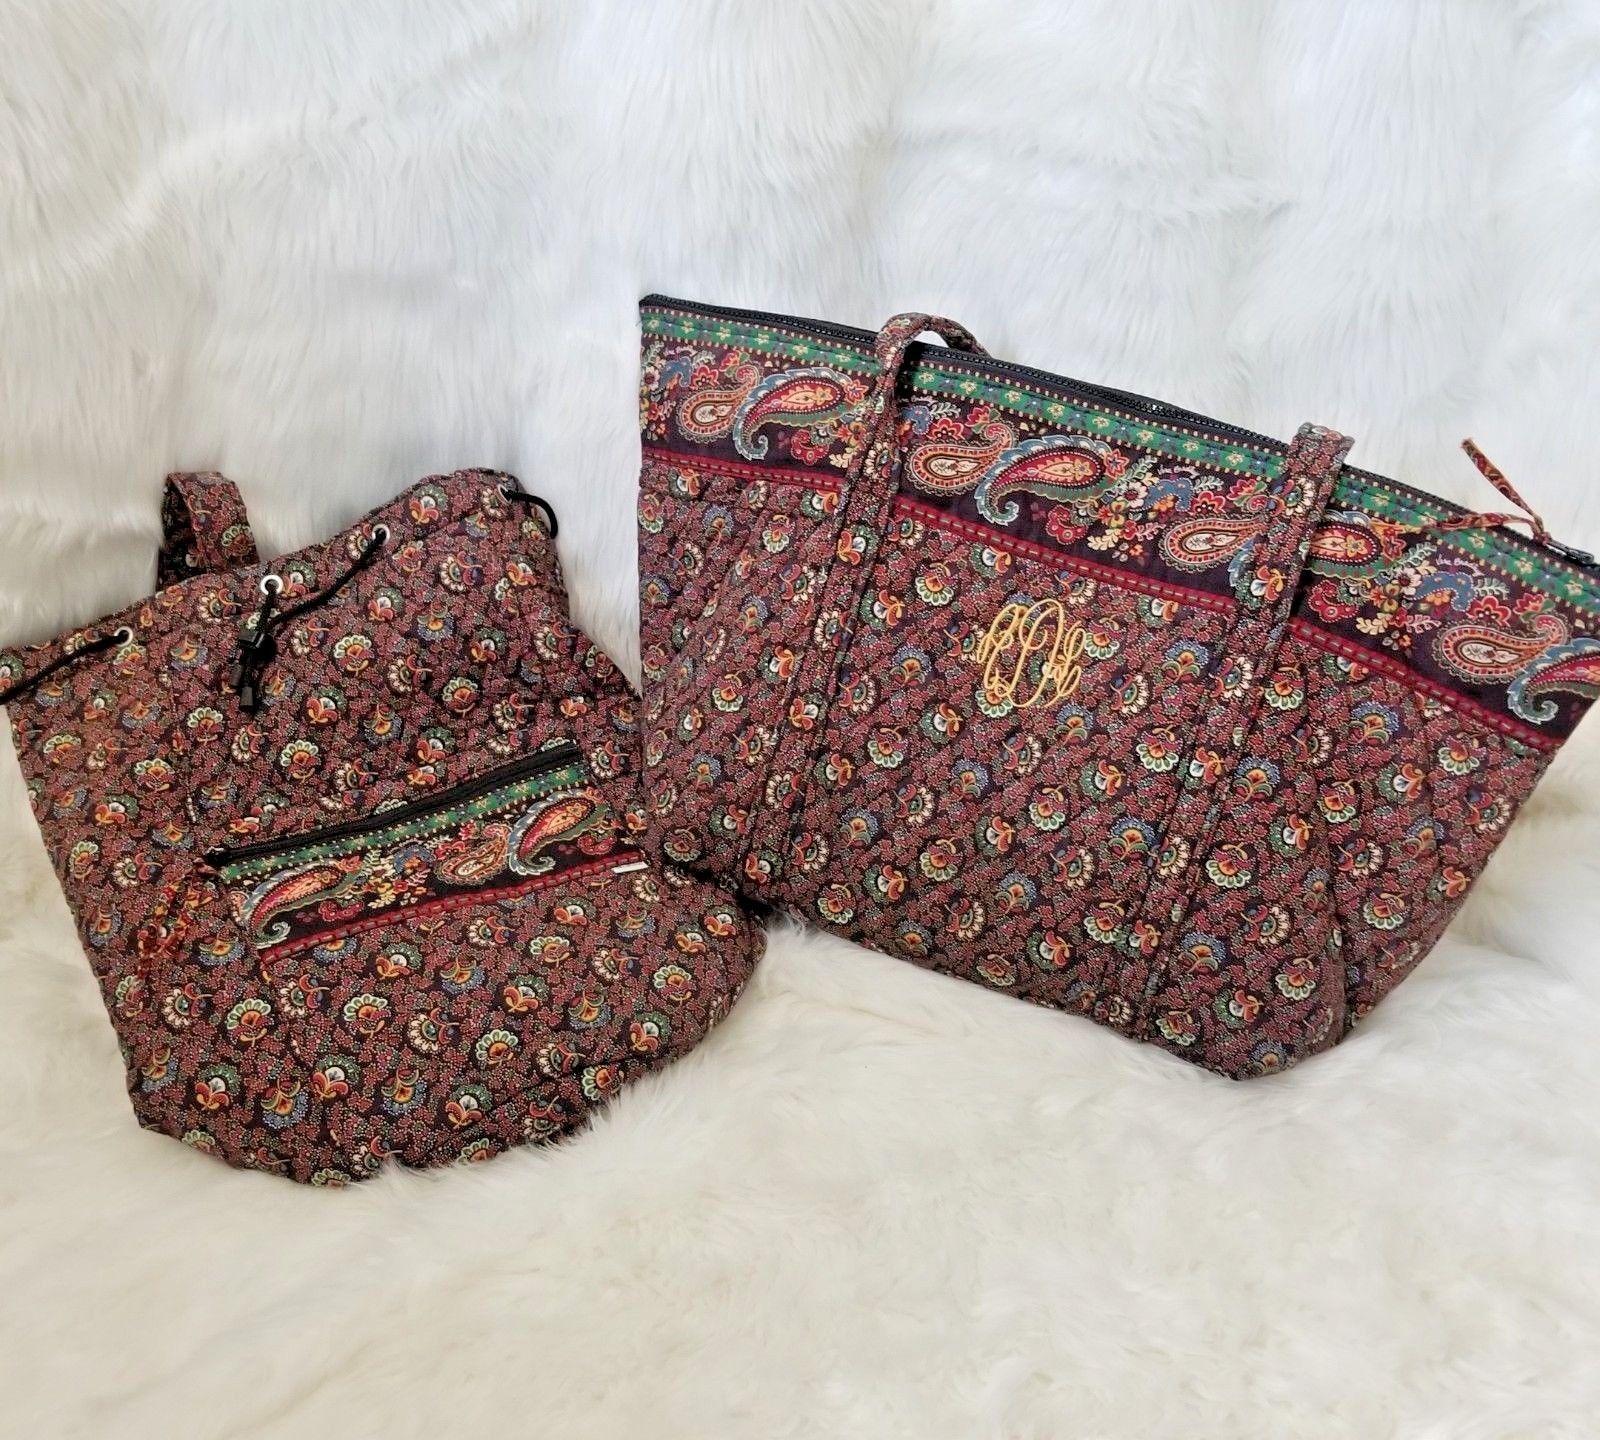 97f1fef27f Vntg set of 2 Vera Bradley Sling Backpack Vinyl Lining weekender carry all  -  70.13 · Advanced search for Vera Bradley Weekender Shoulder Bag